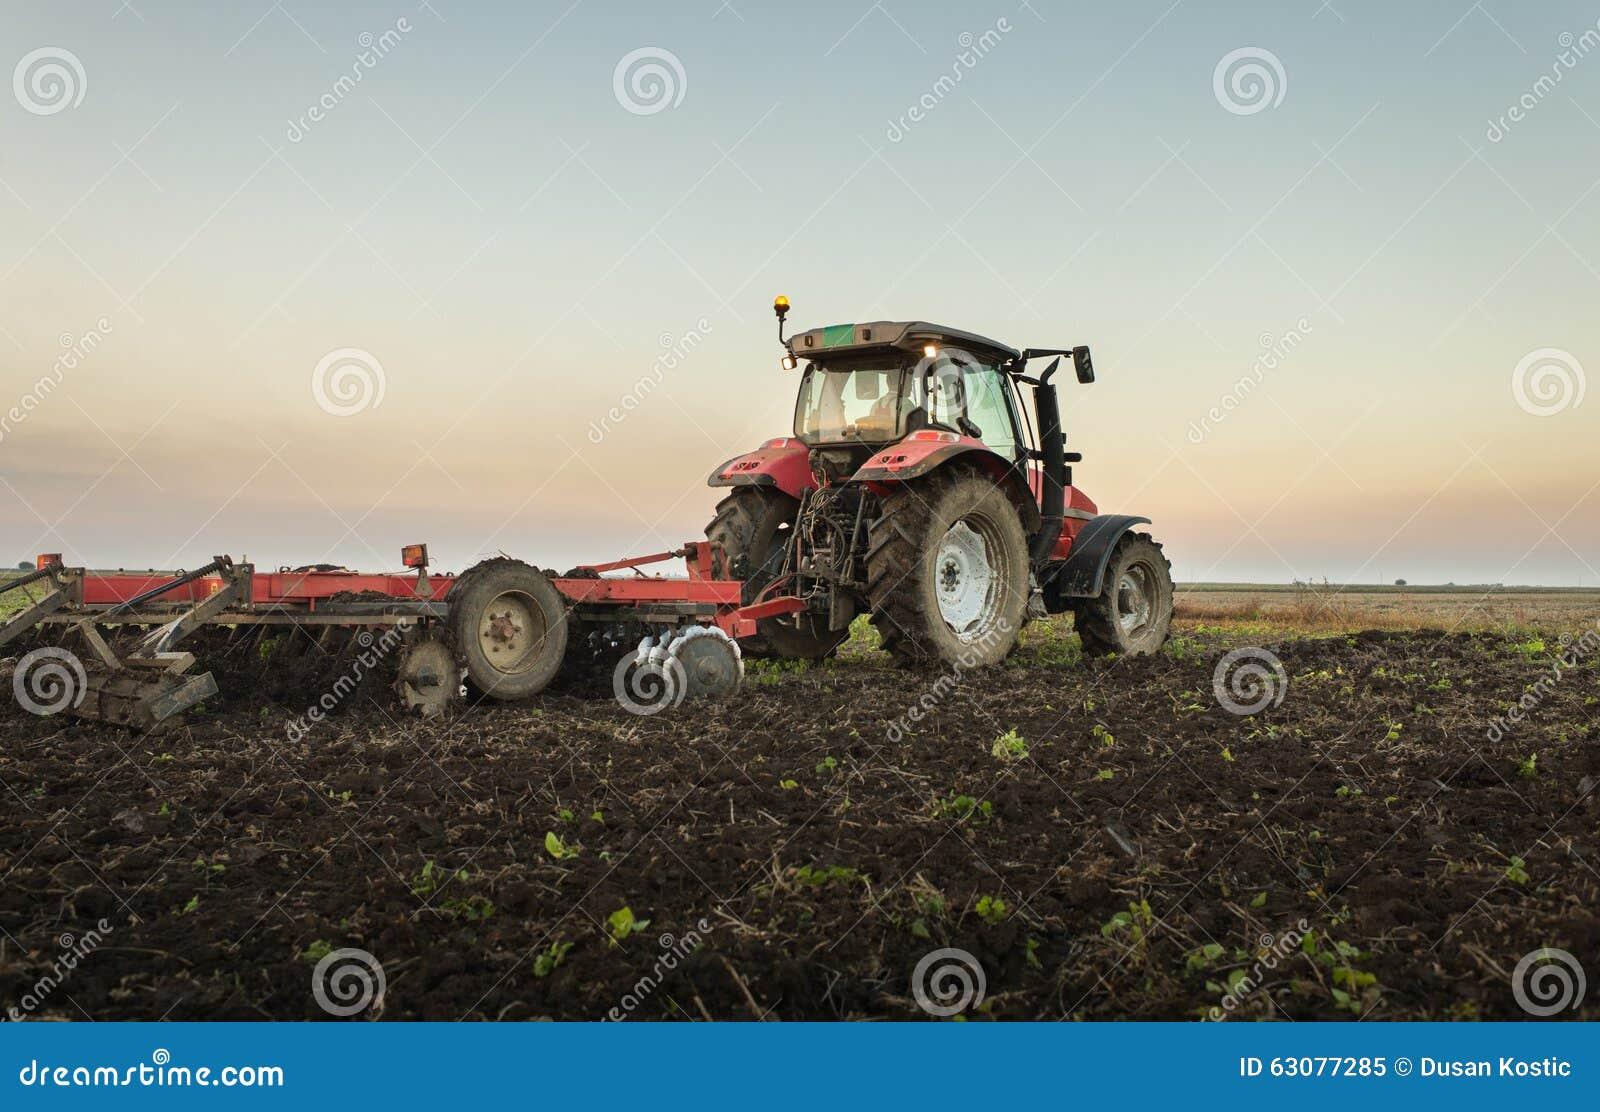 Download Entraîneur Labourant Une Zone Image stock - Image du industrialisé, durée: 63077285